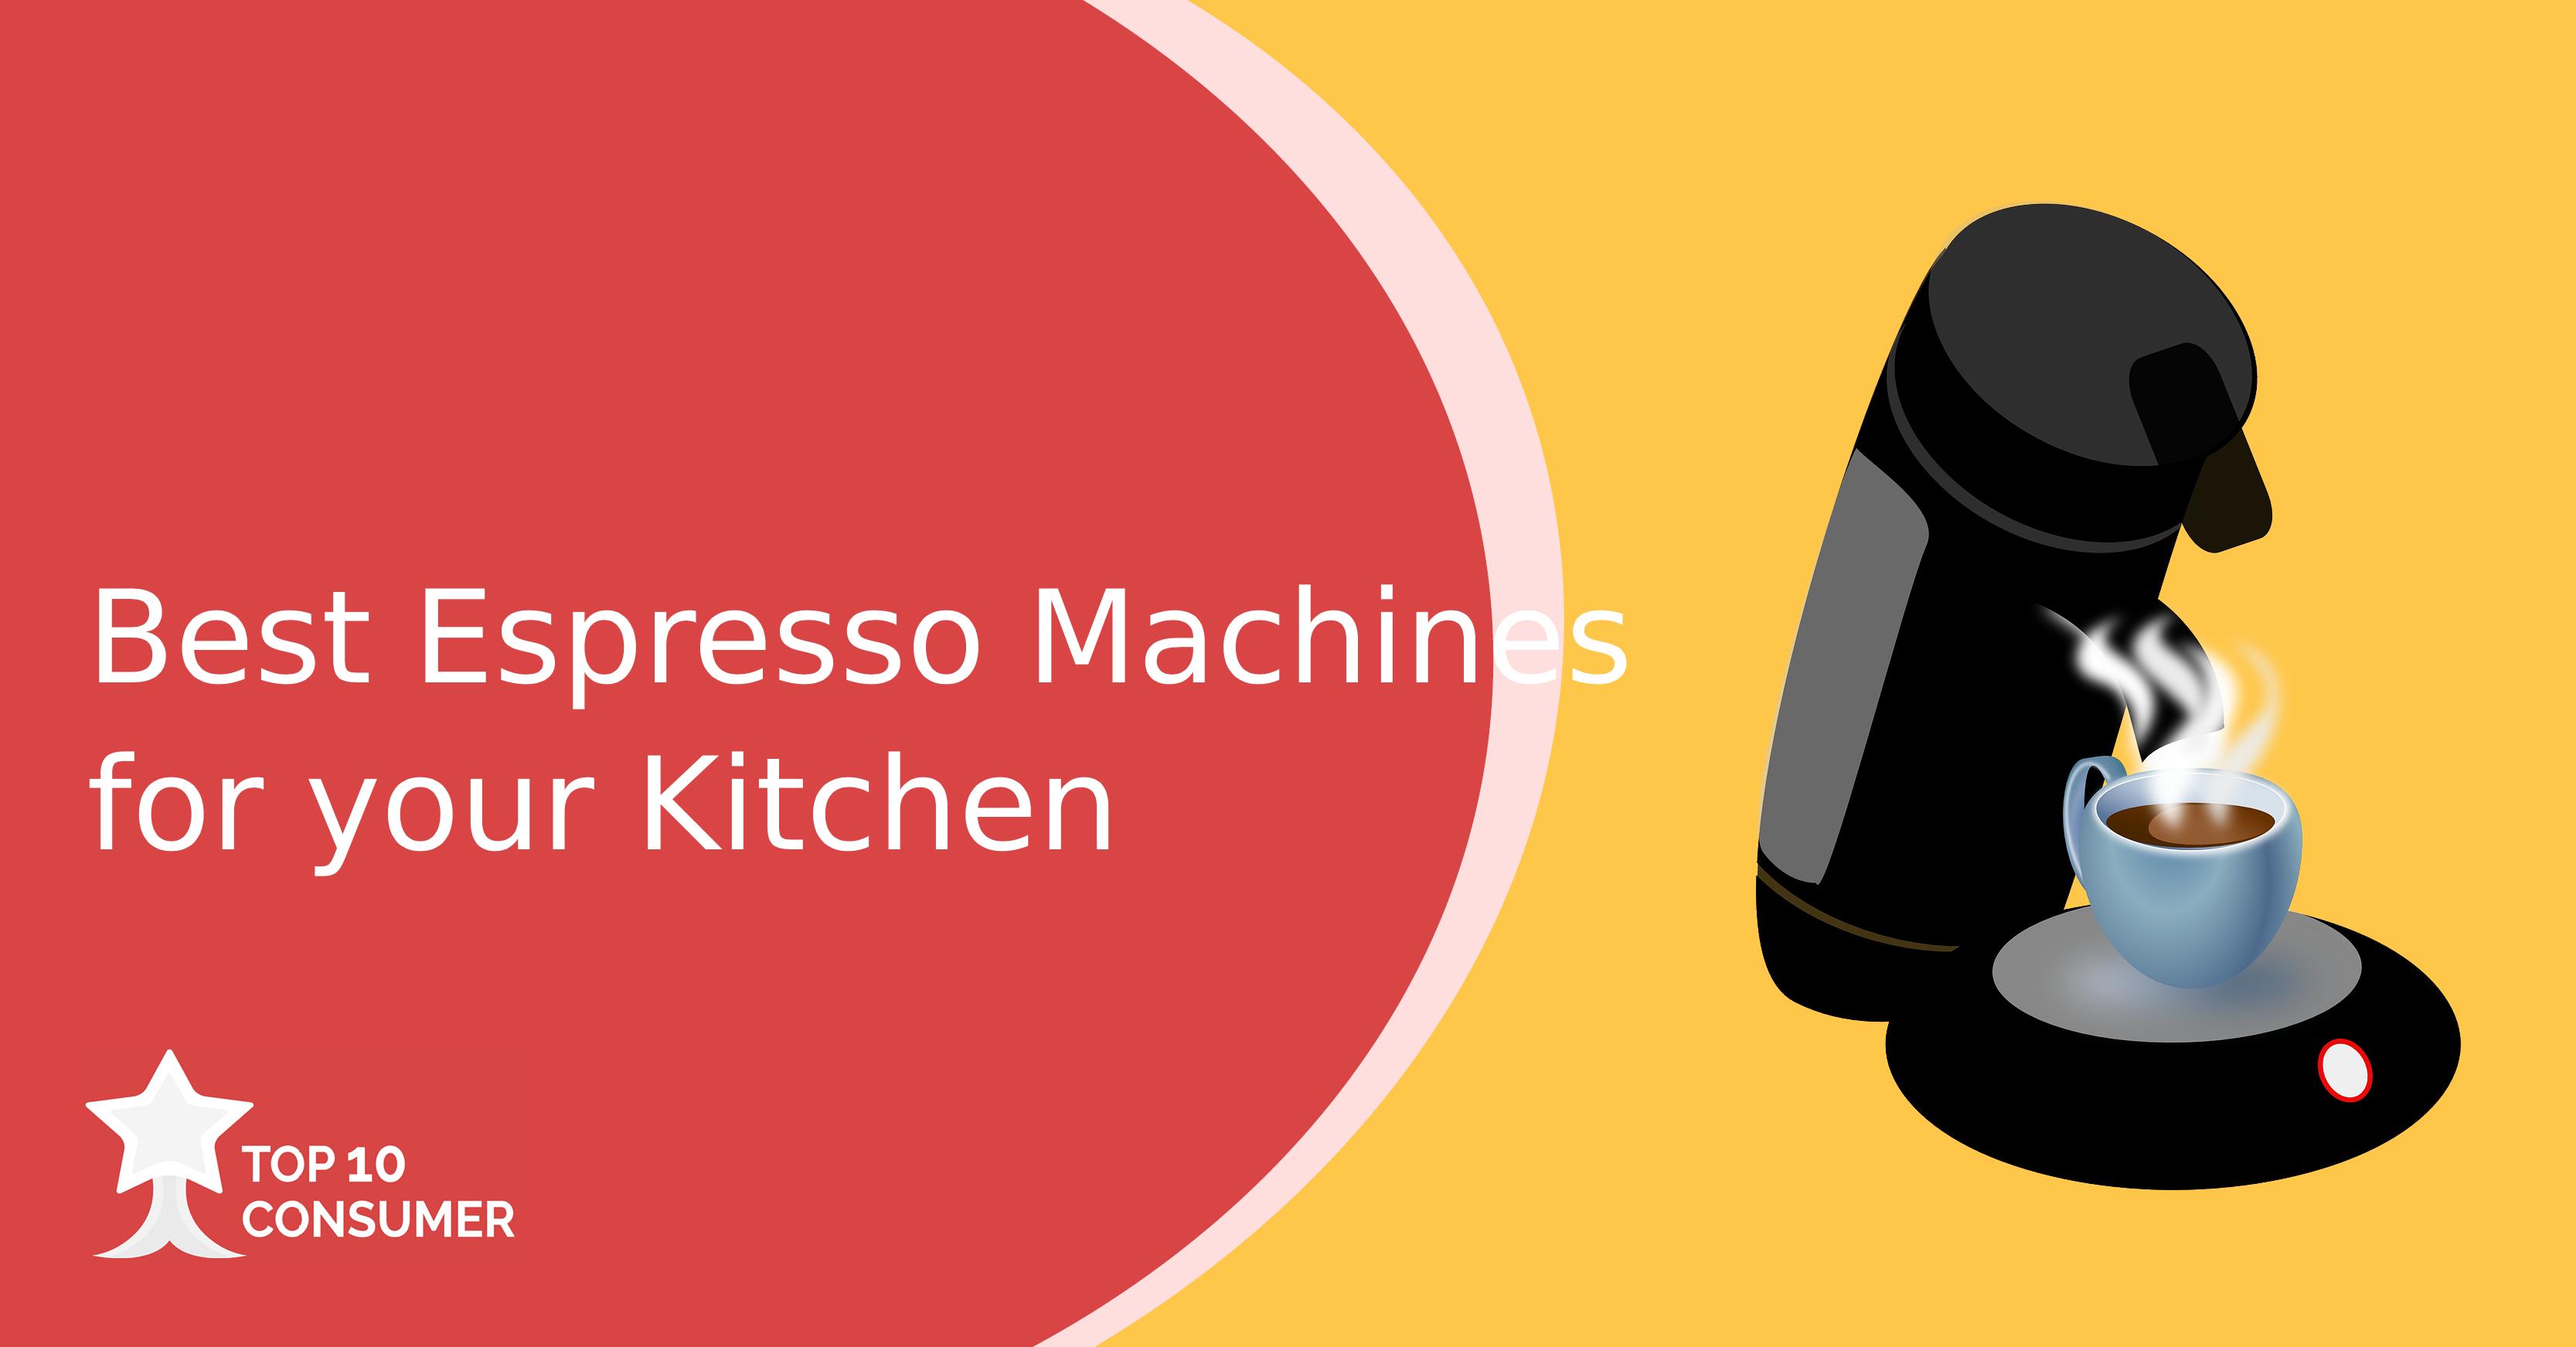 Best Espresso Machines For Your Kitchen